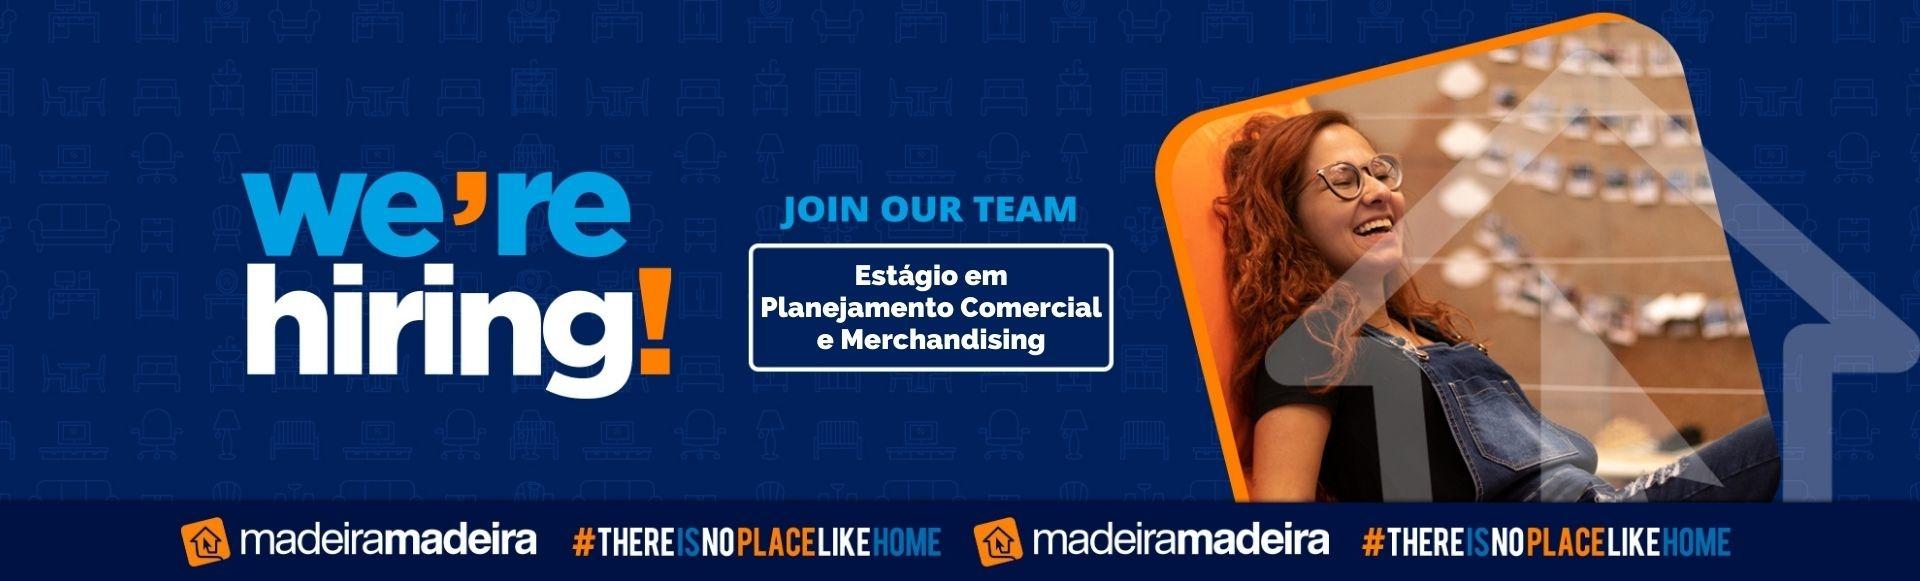 Estágio em Planejamento Comercial e Merchandising